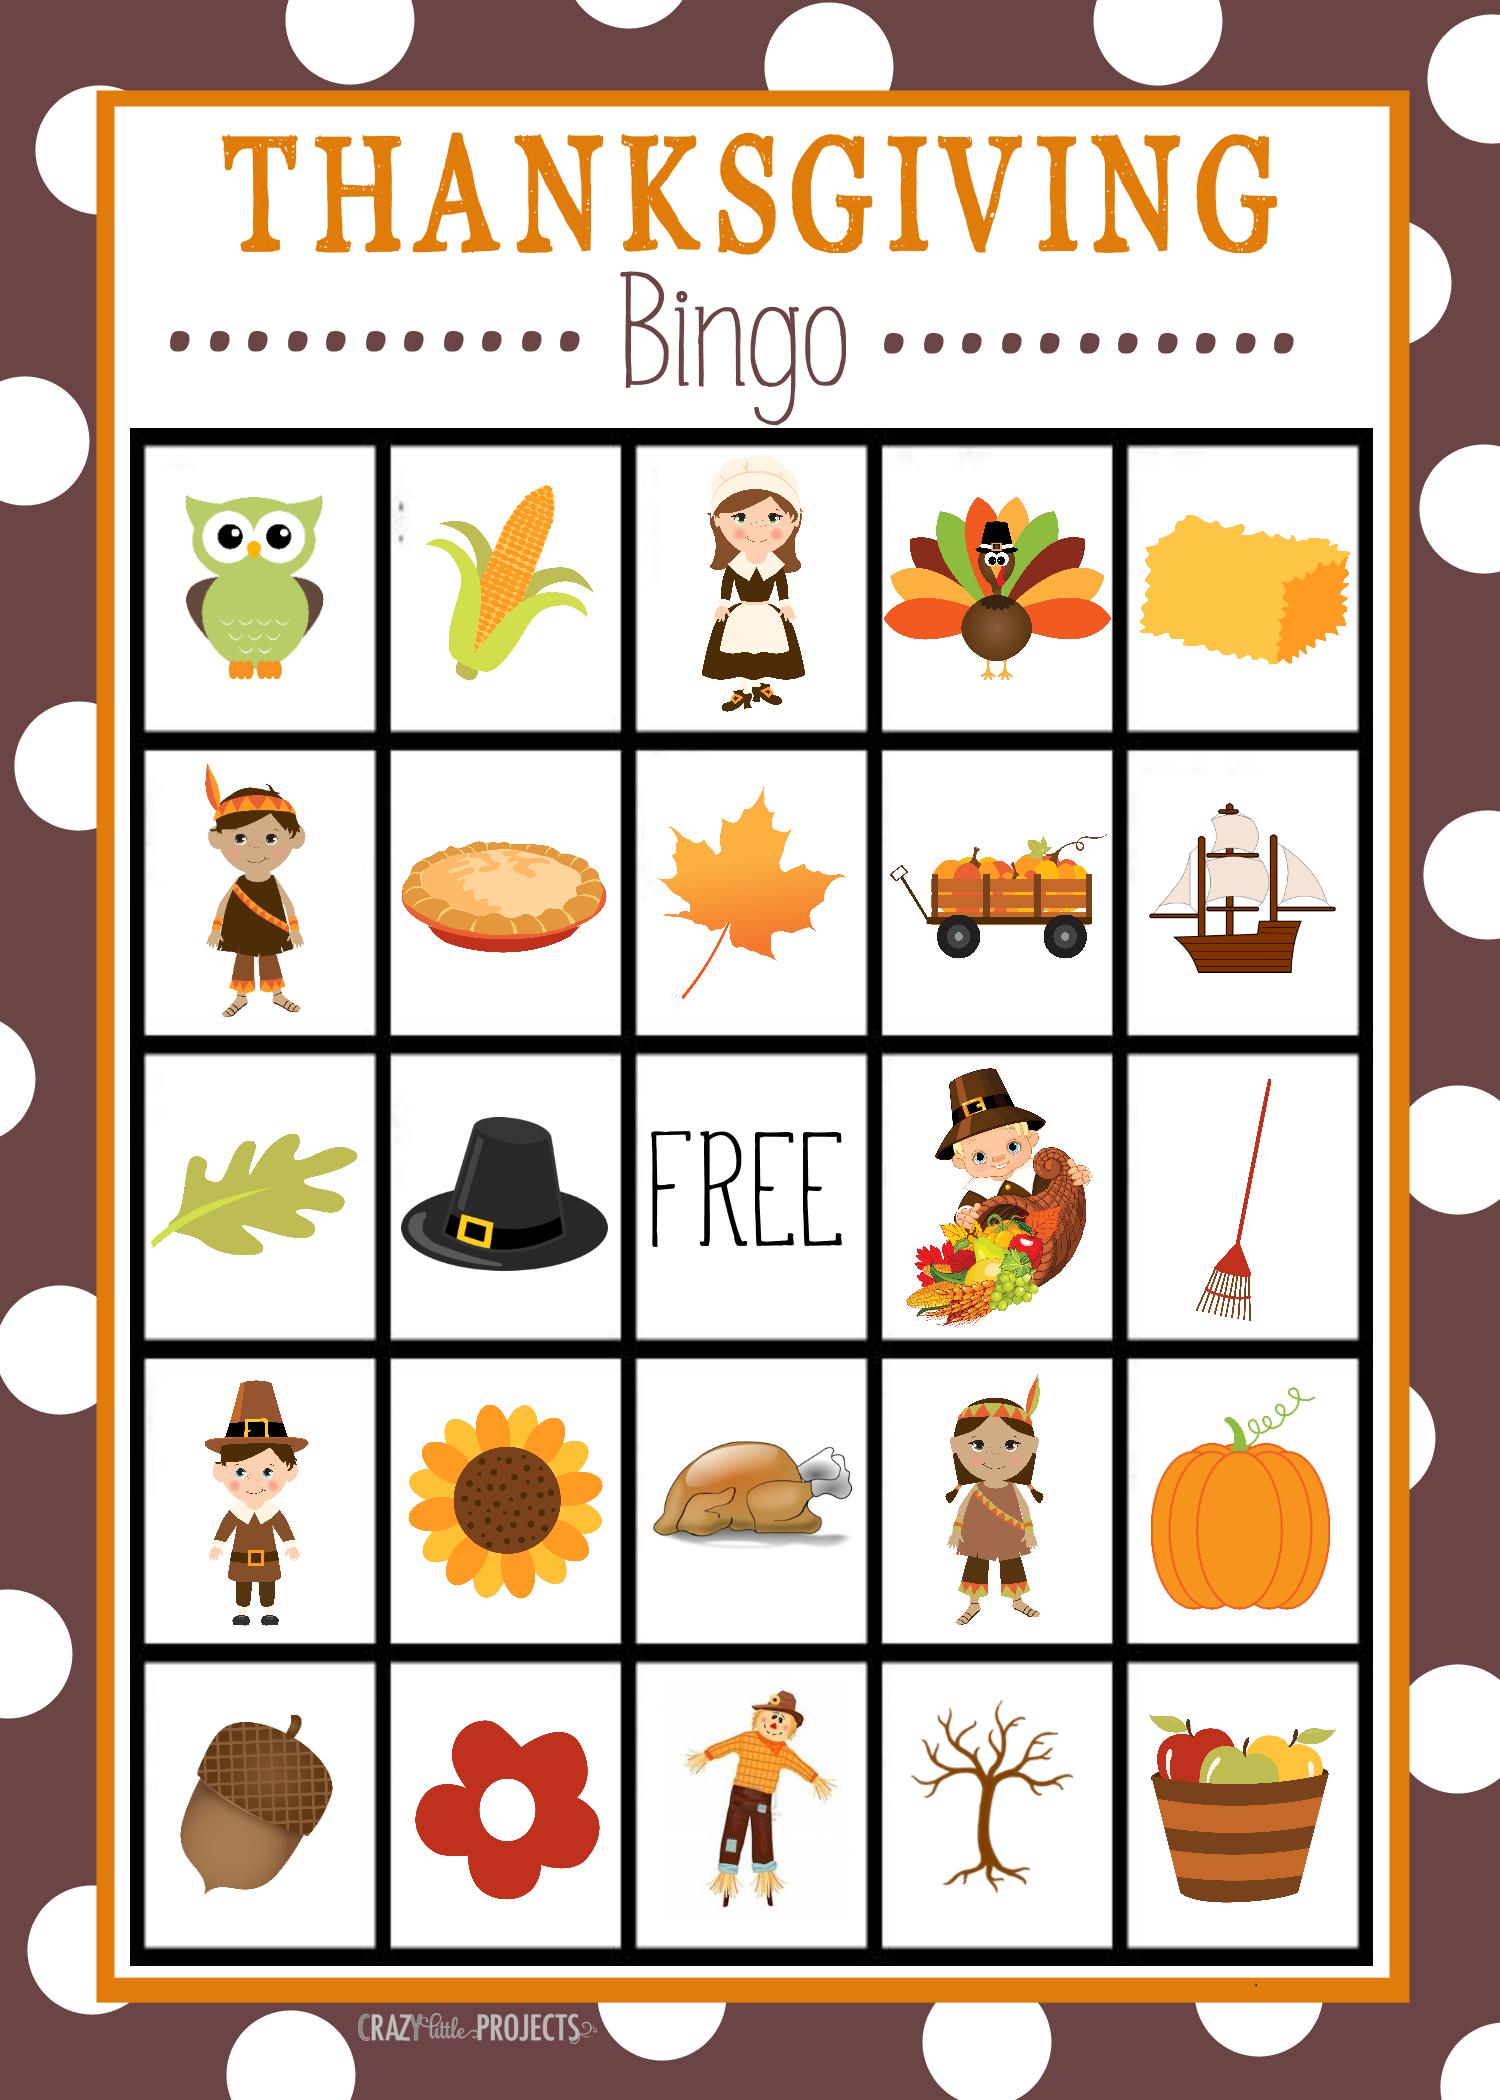 Free Printable Thanksgiving Bingo Game | Craft Time | Pinterest - Free Printable Thanksgiving Graphics